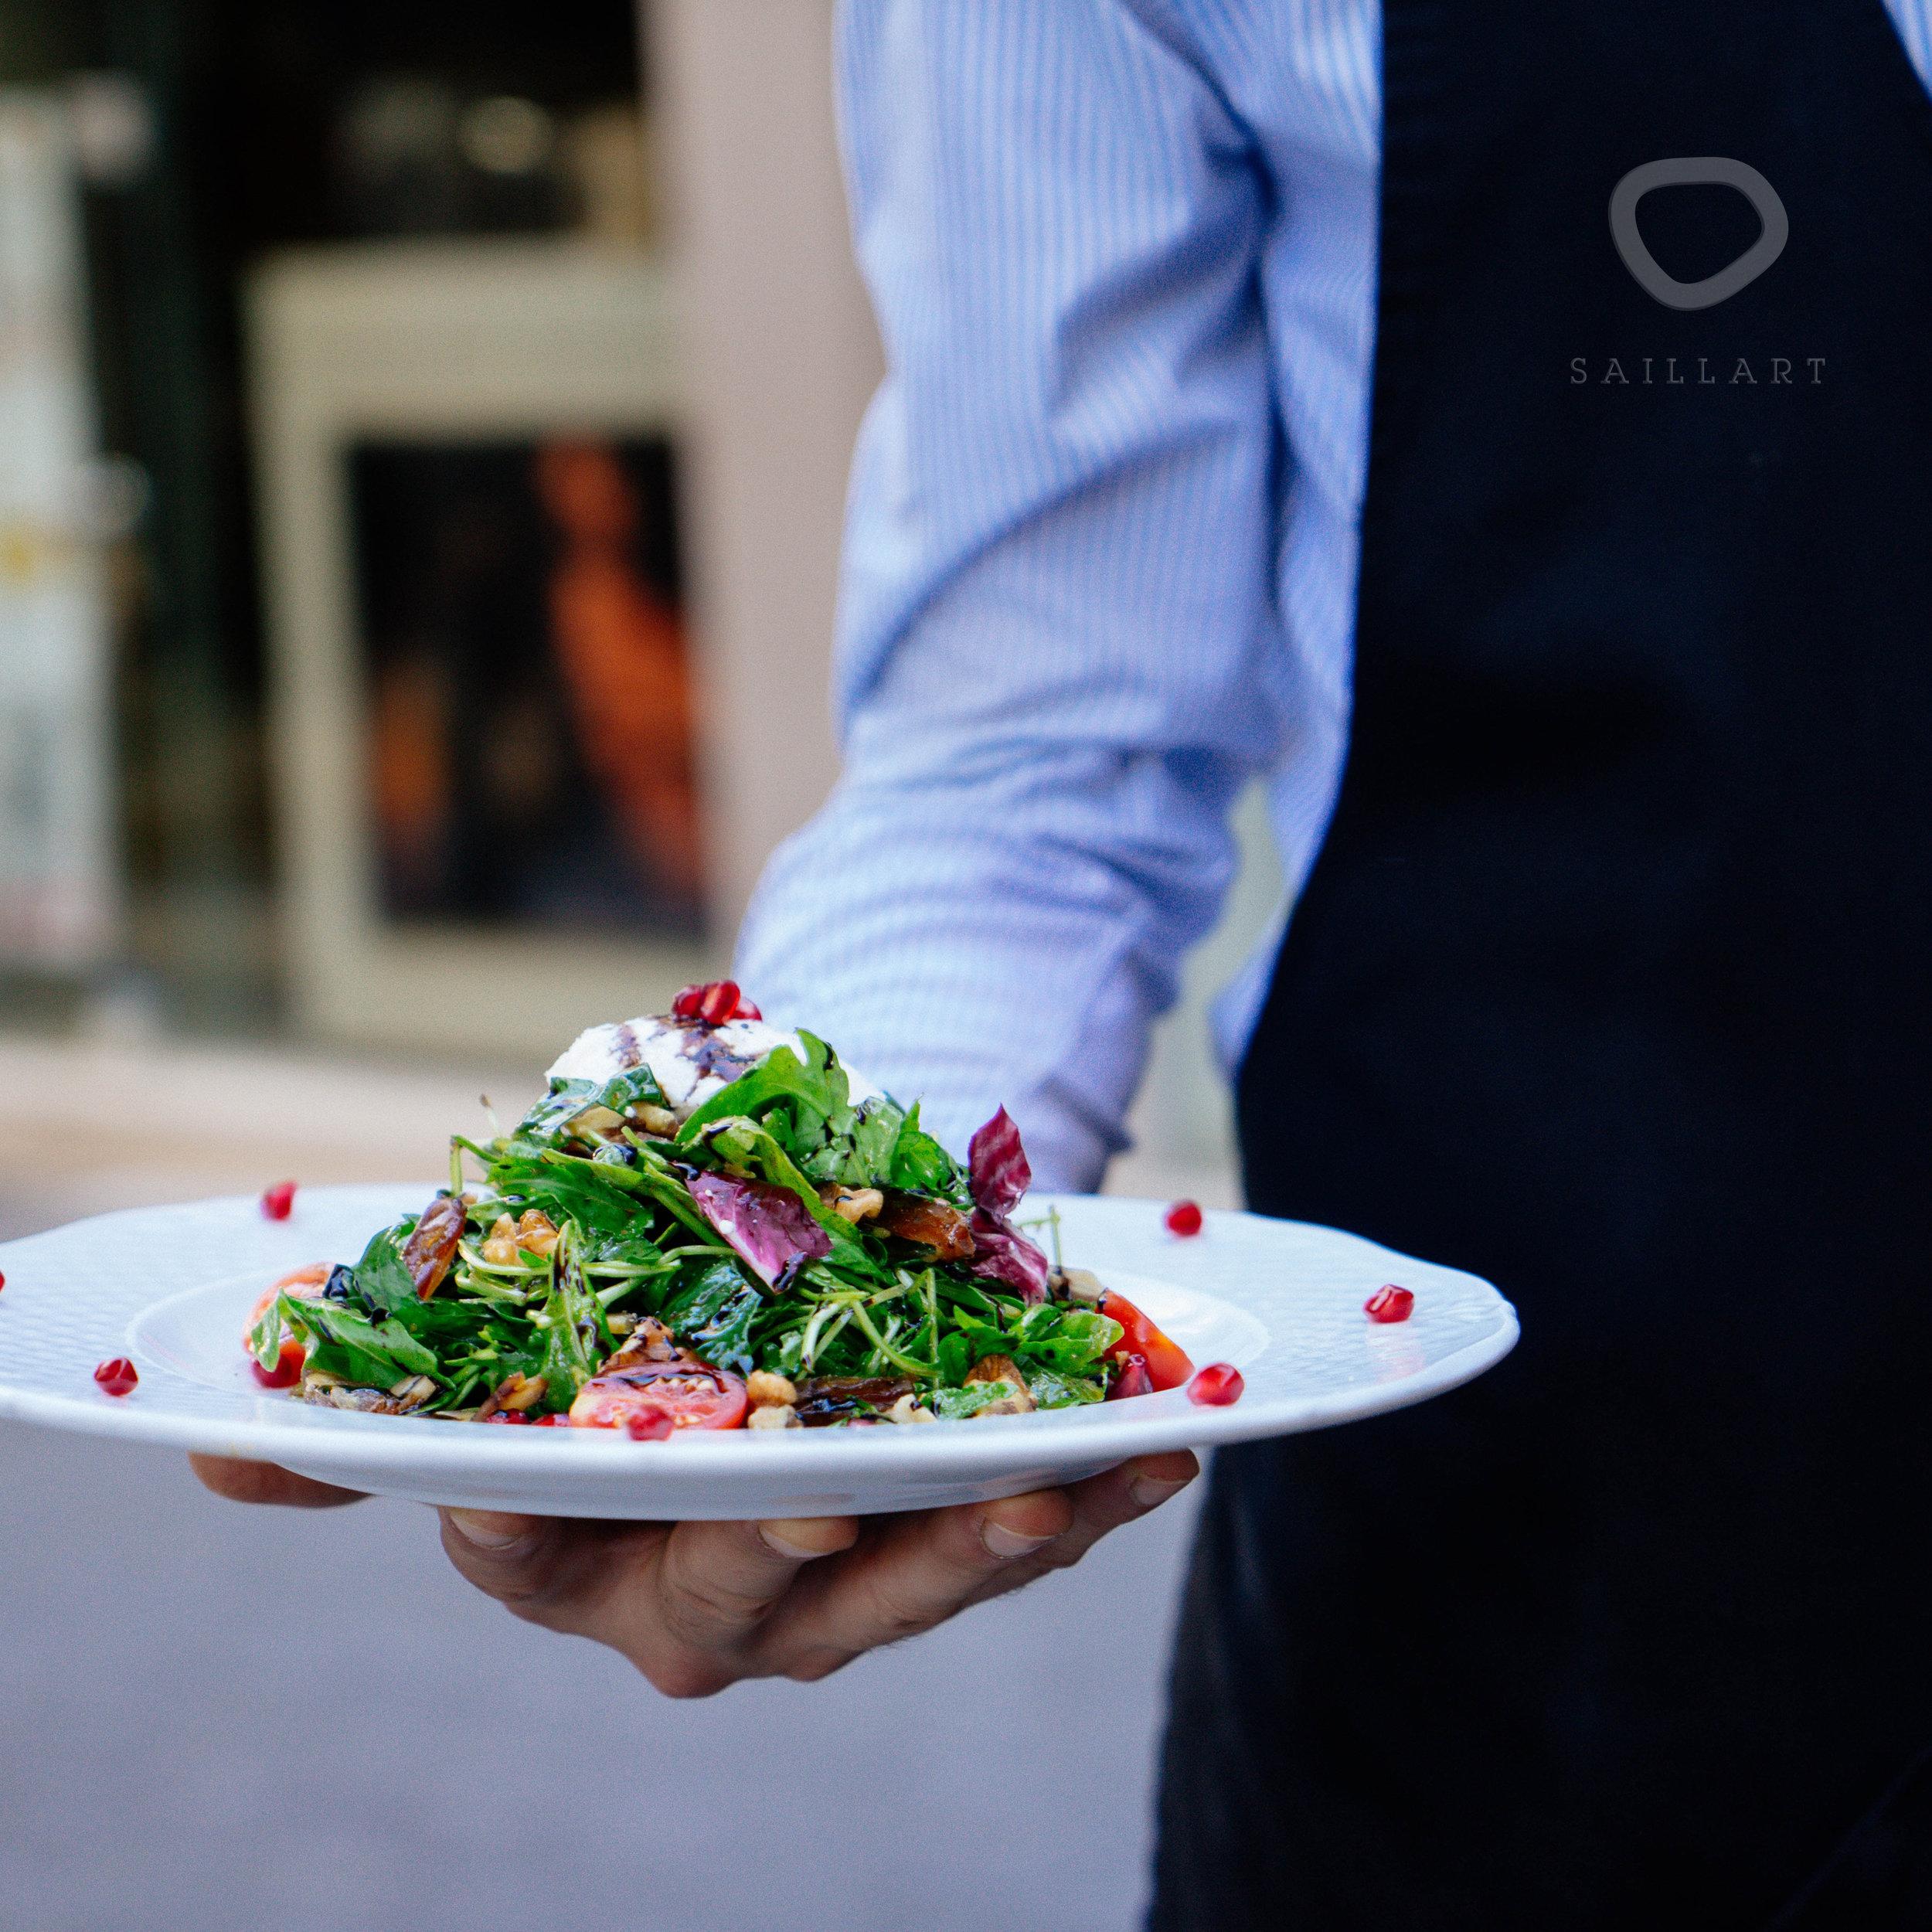 Werken bij Saillart - Wil jij als cateringbeheerder, cateringmedewerker of kok aan de slag? Ga jij net als wij tot het uiterste voor je klanten? Laat dan zeker van je horen. Want wij zoeken regelmatig extra personeel.